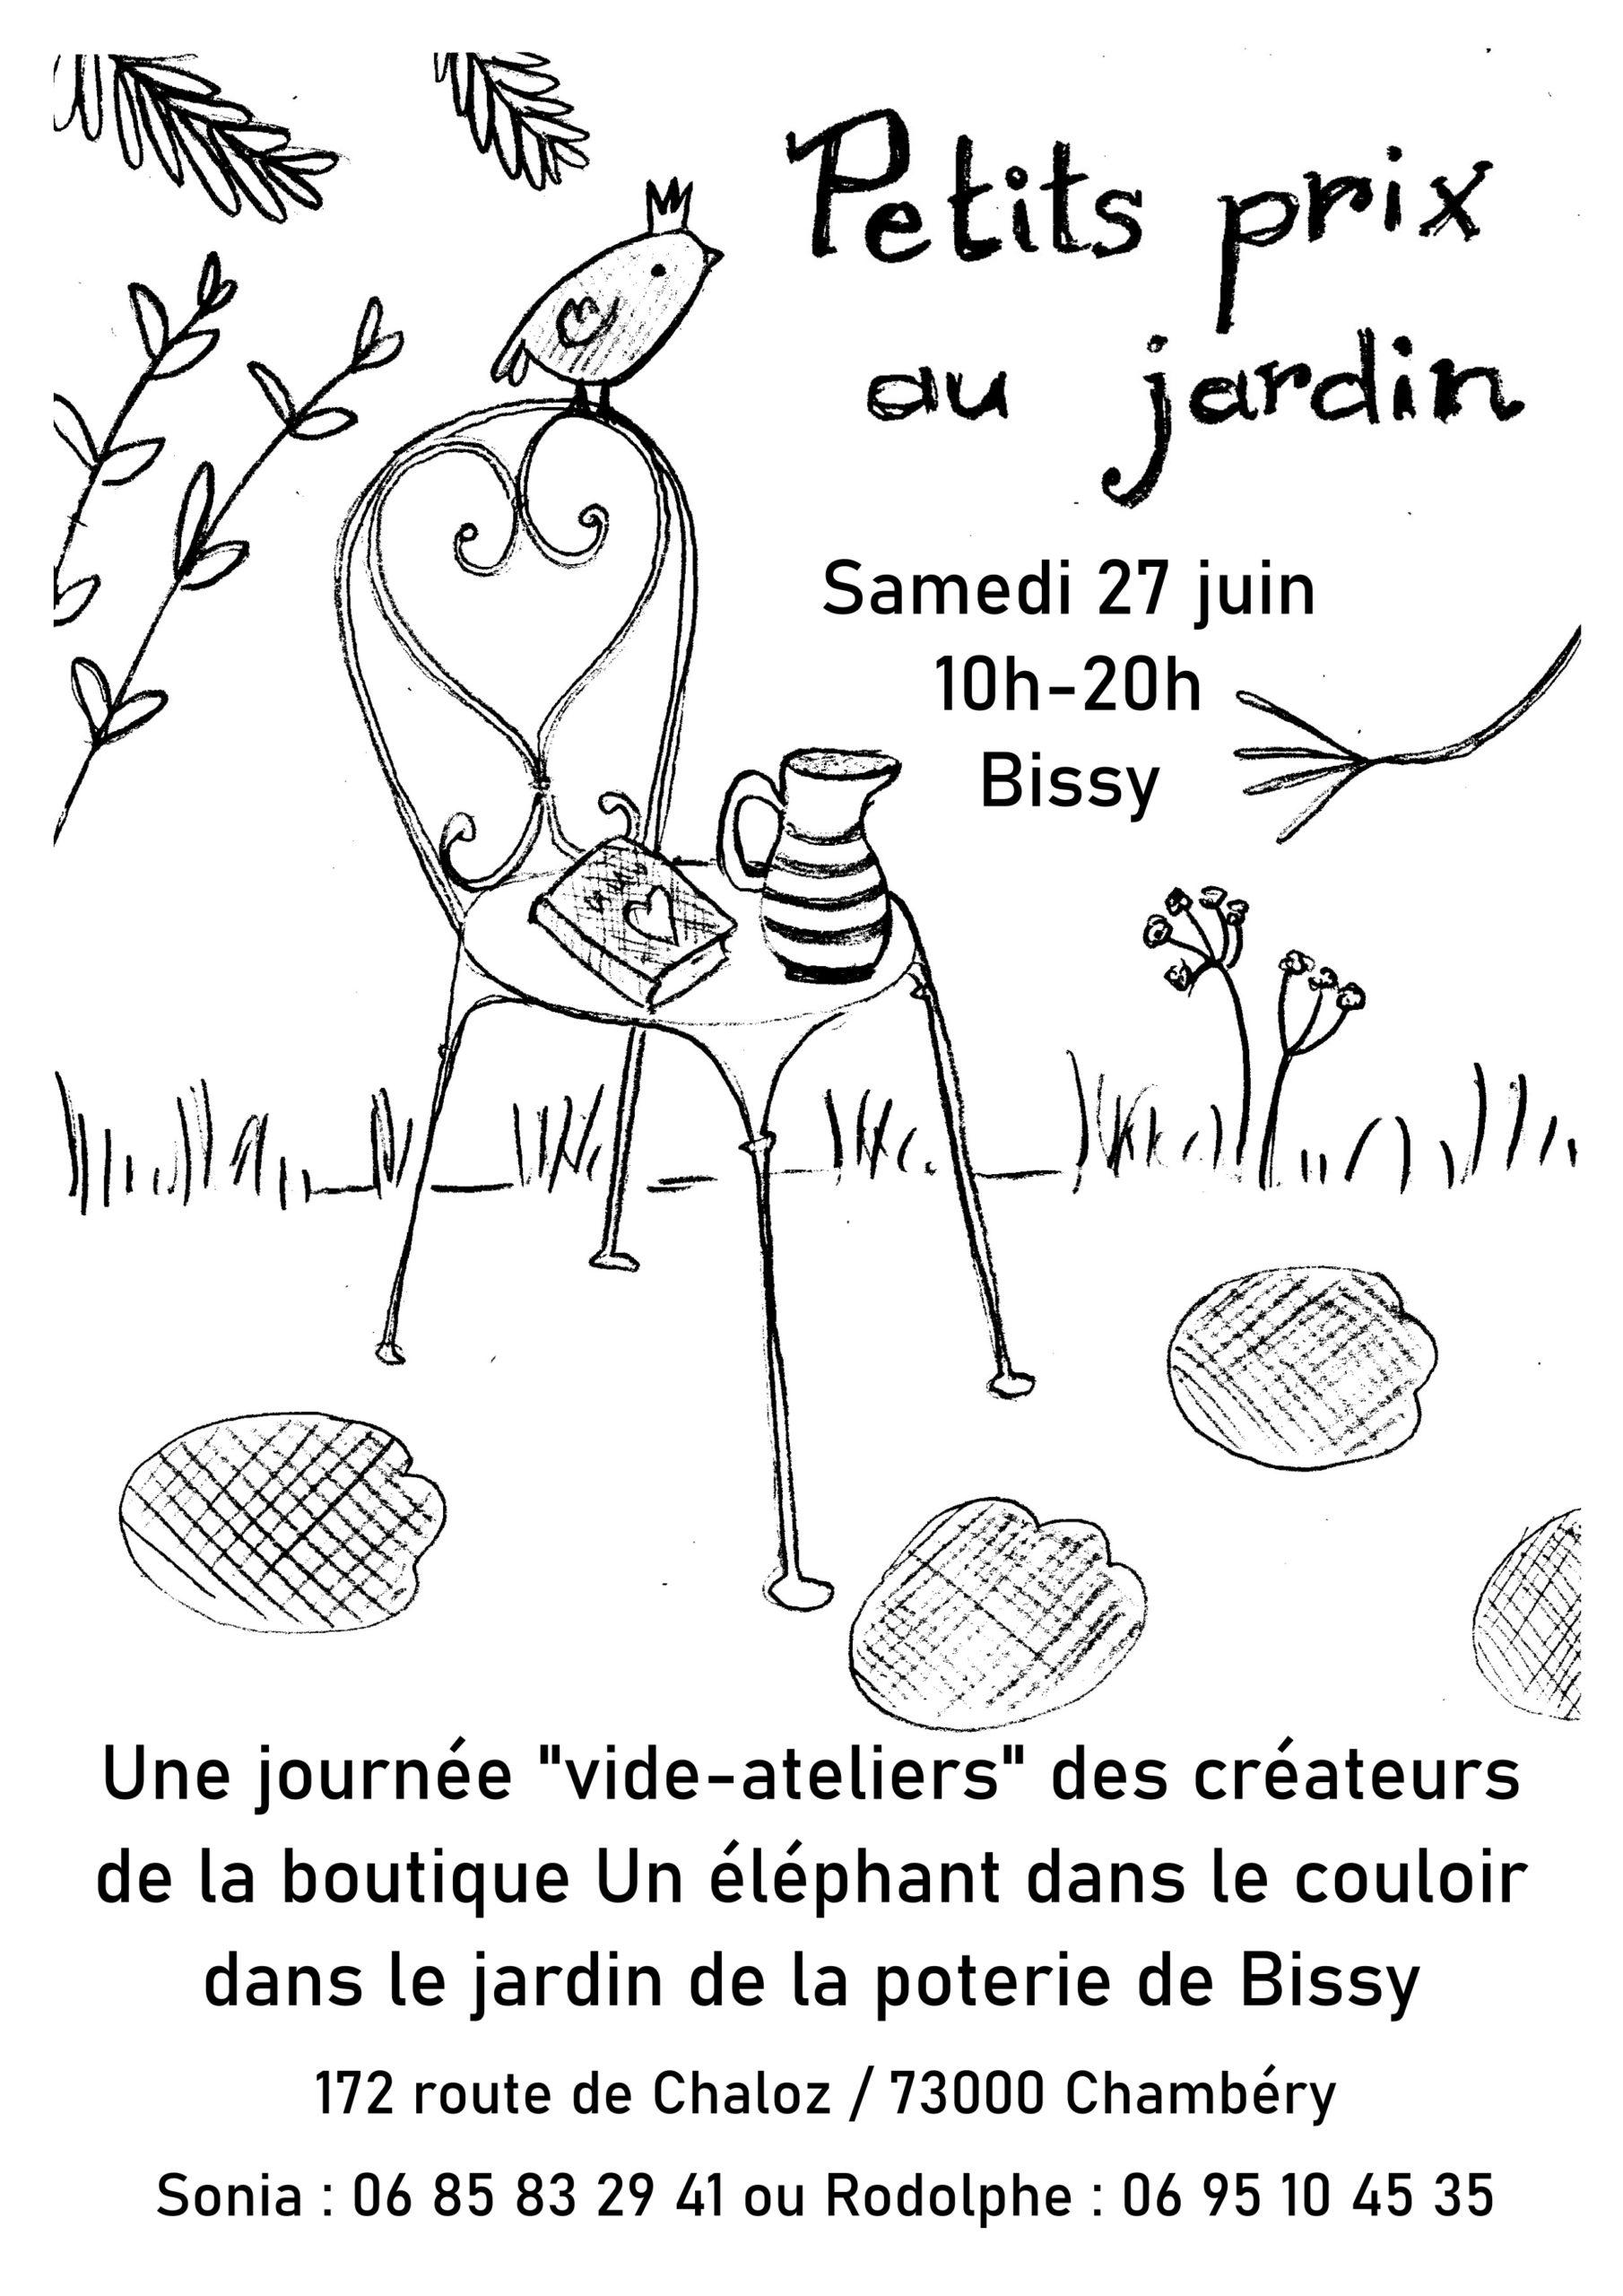 LinoLino | Linogravure et créations à partir d'impressions artisanales | Chambéry France | Marché de créateurs vide-ateliers Bissy